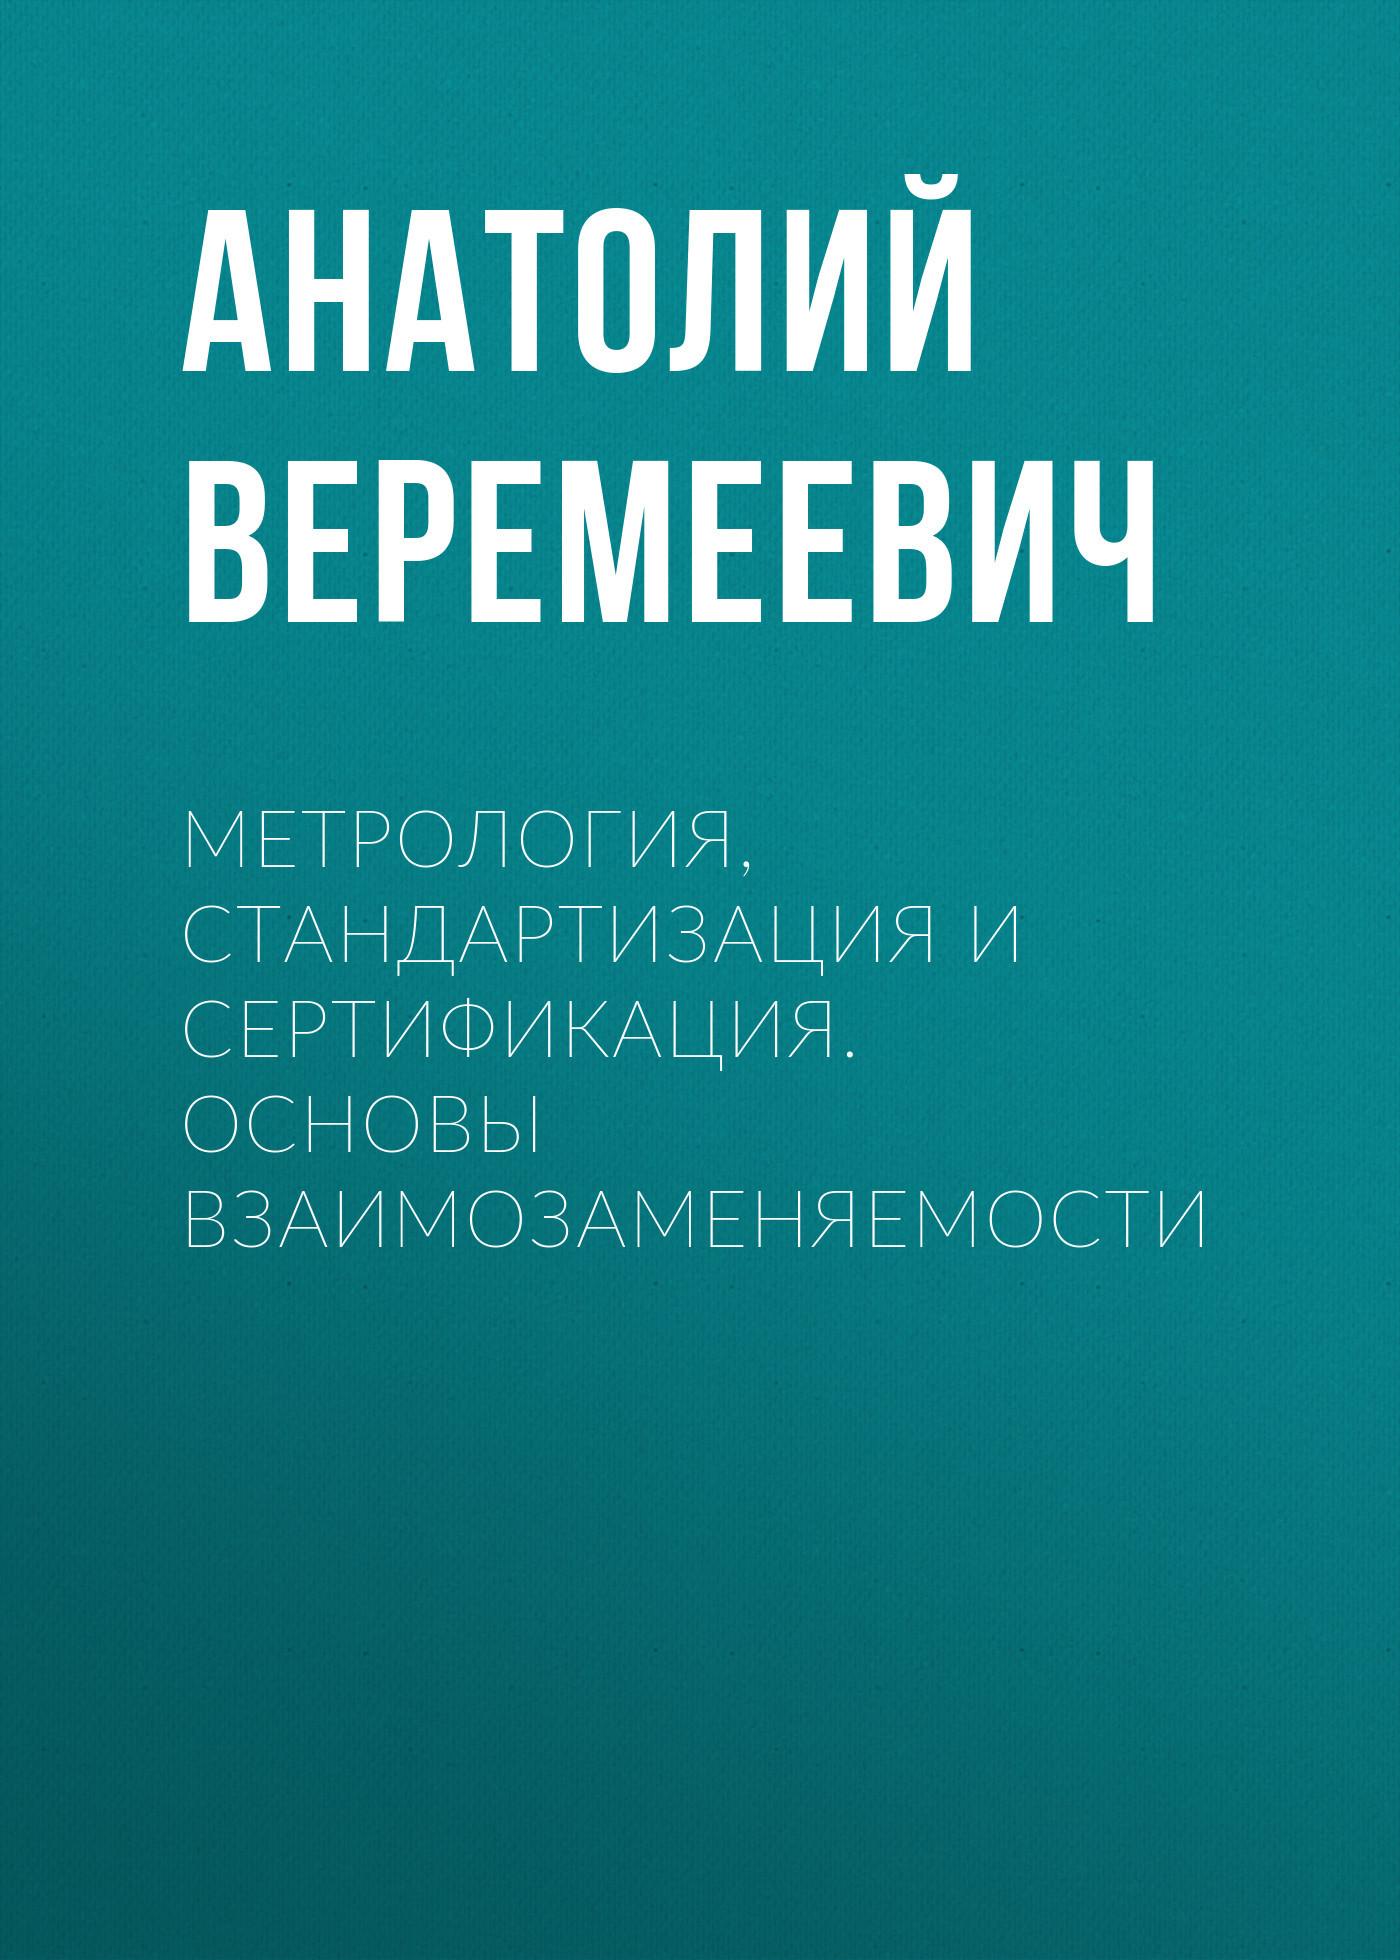 Анатолий Веремеевич Метрология, стандартизация и сертификация. Основы взаимозаменяемости